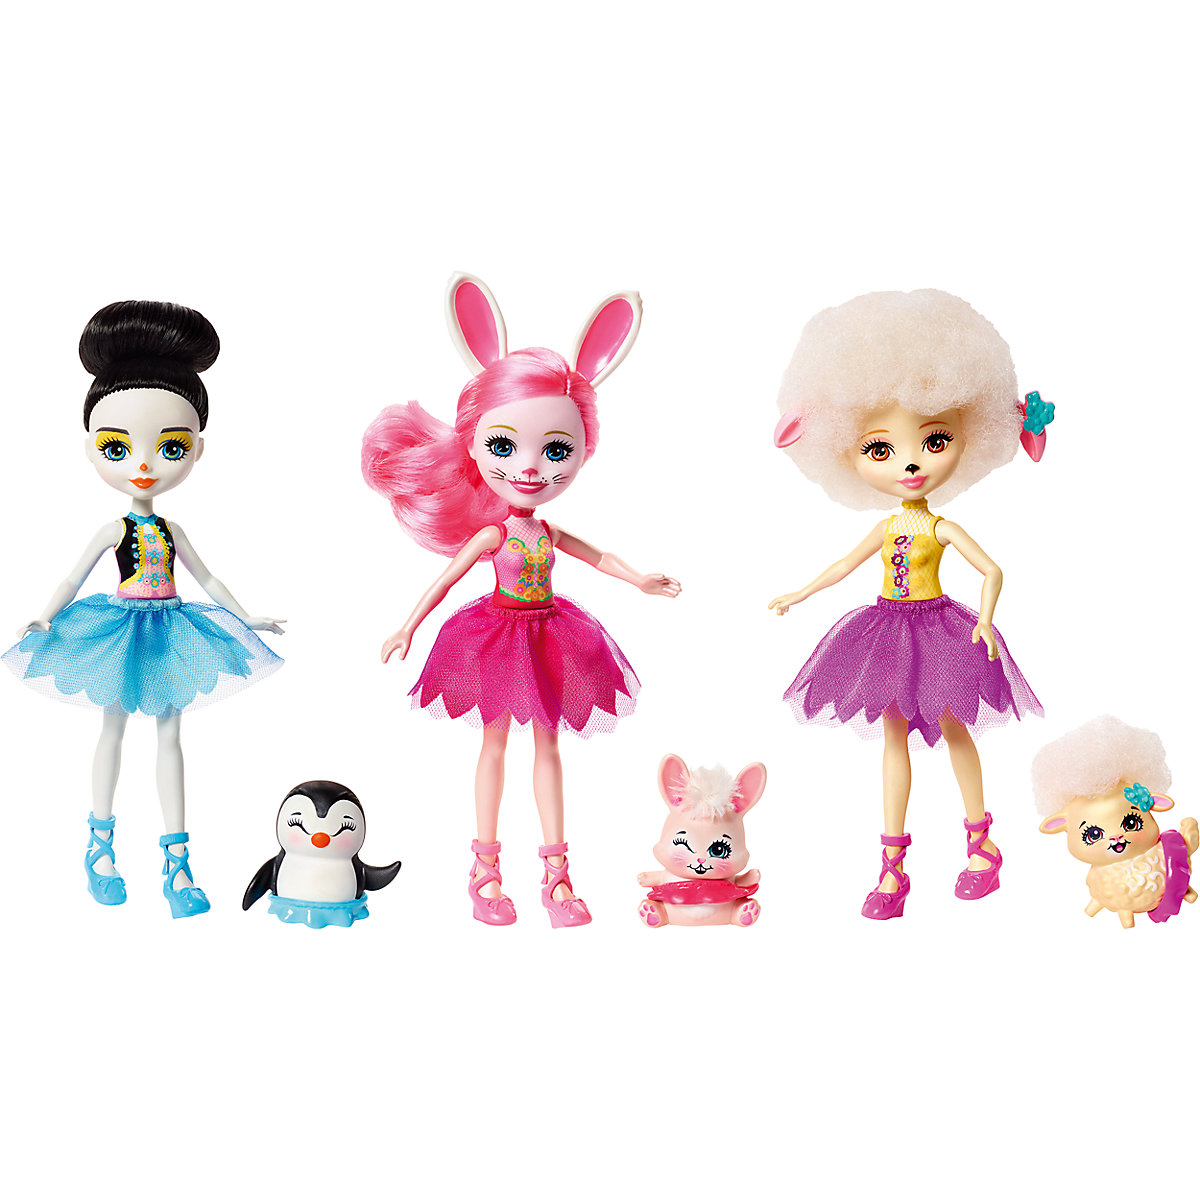 MATTEL poupées 8422419 filles jouets pour enfants fille jouet mode poupée jeu jouer accessoires enfants petite amie MTpromo